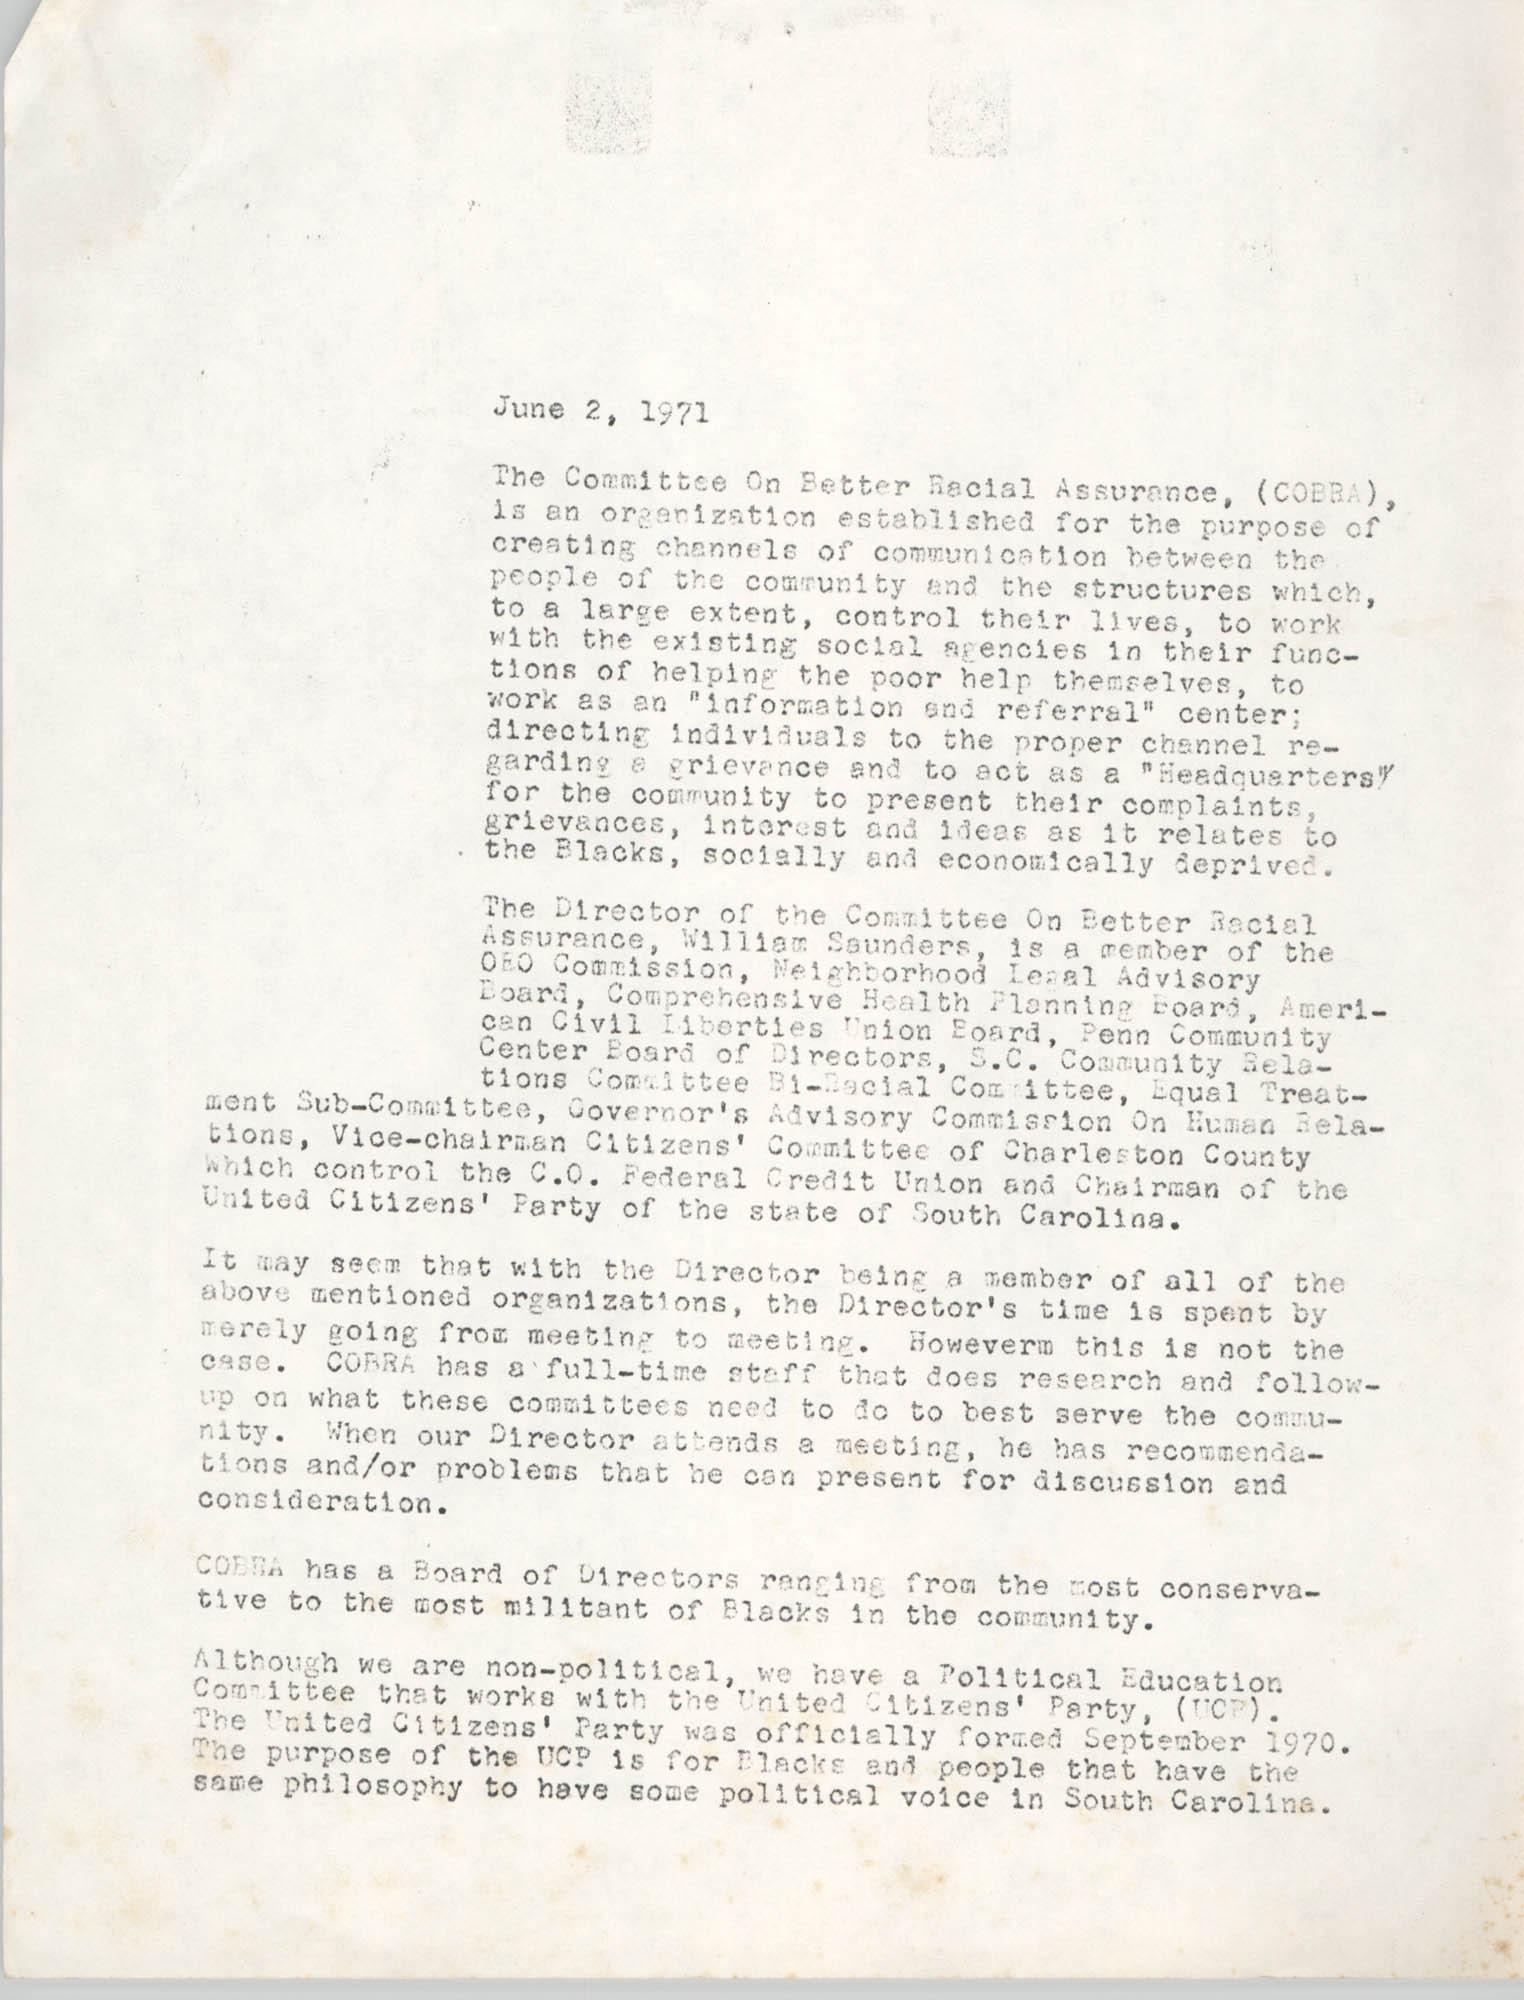 COBRA Materials, June 2, 1971